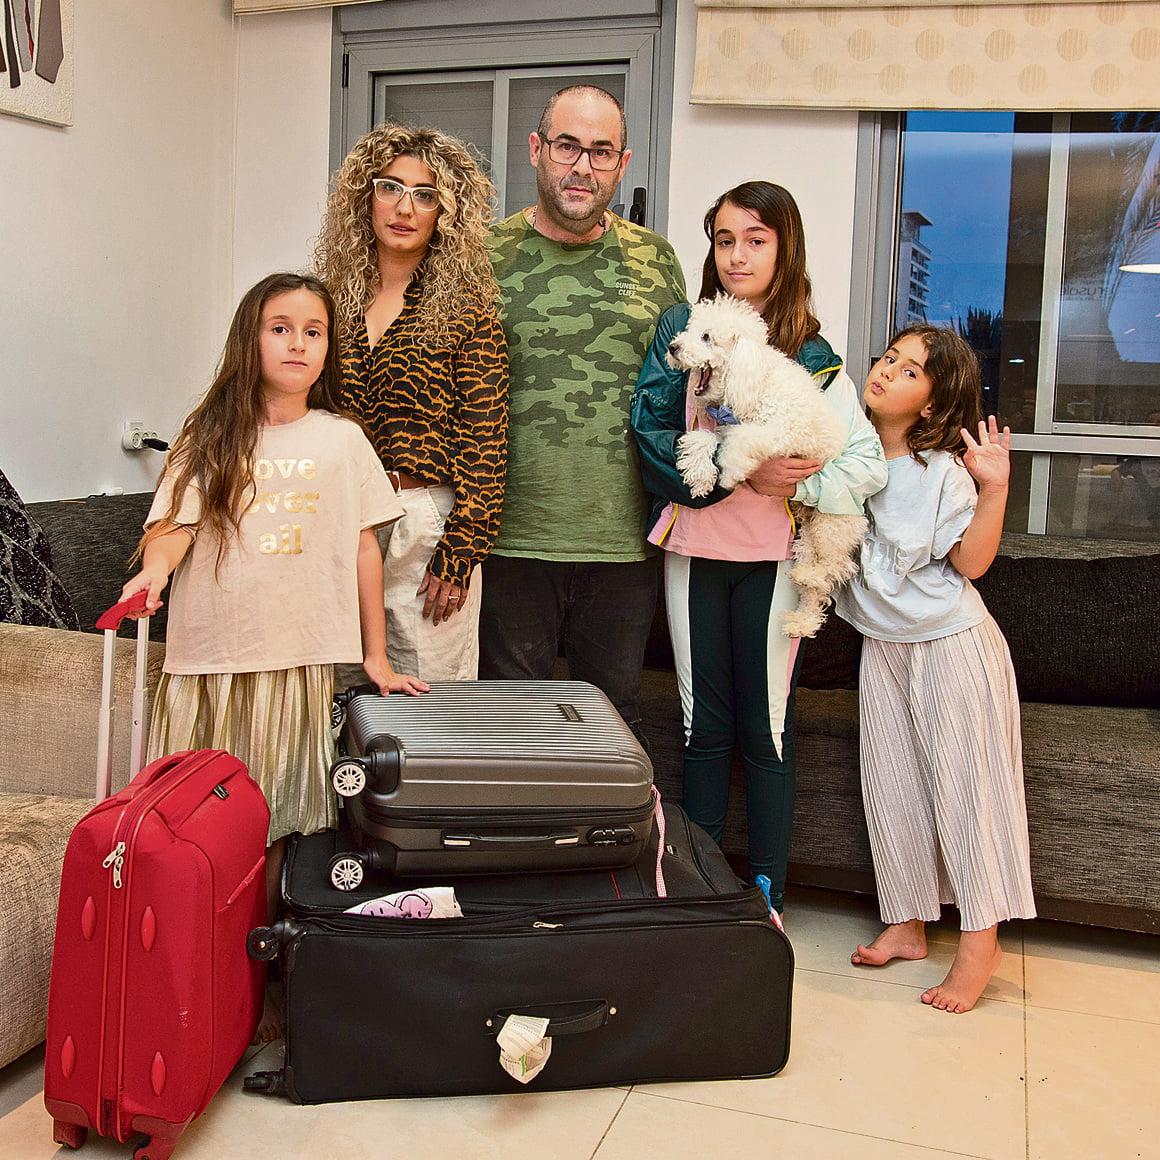 Pourquoi des Israéliens demandent une nationalité étrangère et quittent le pays ?